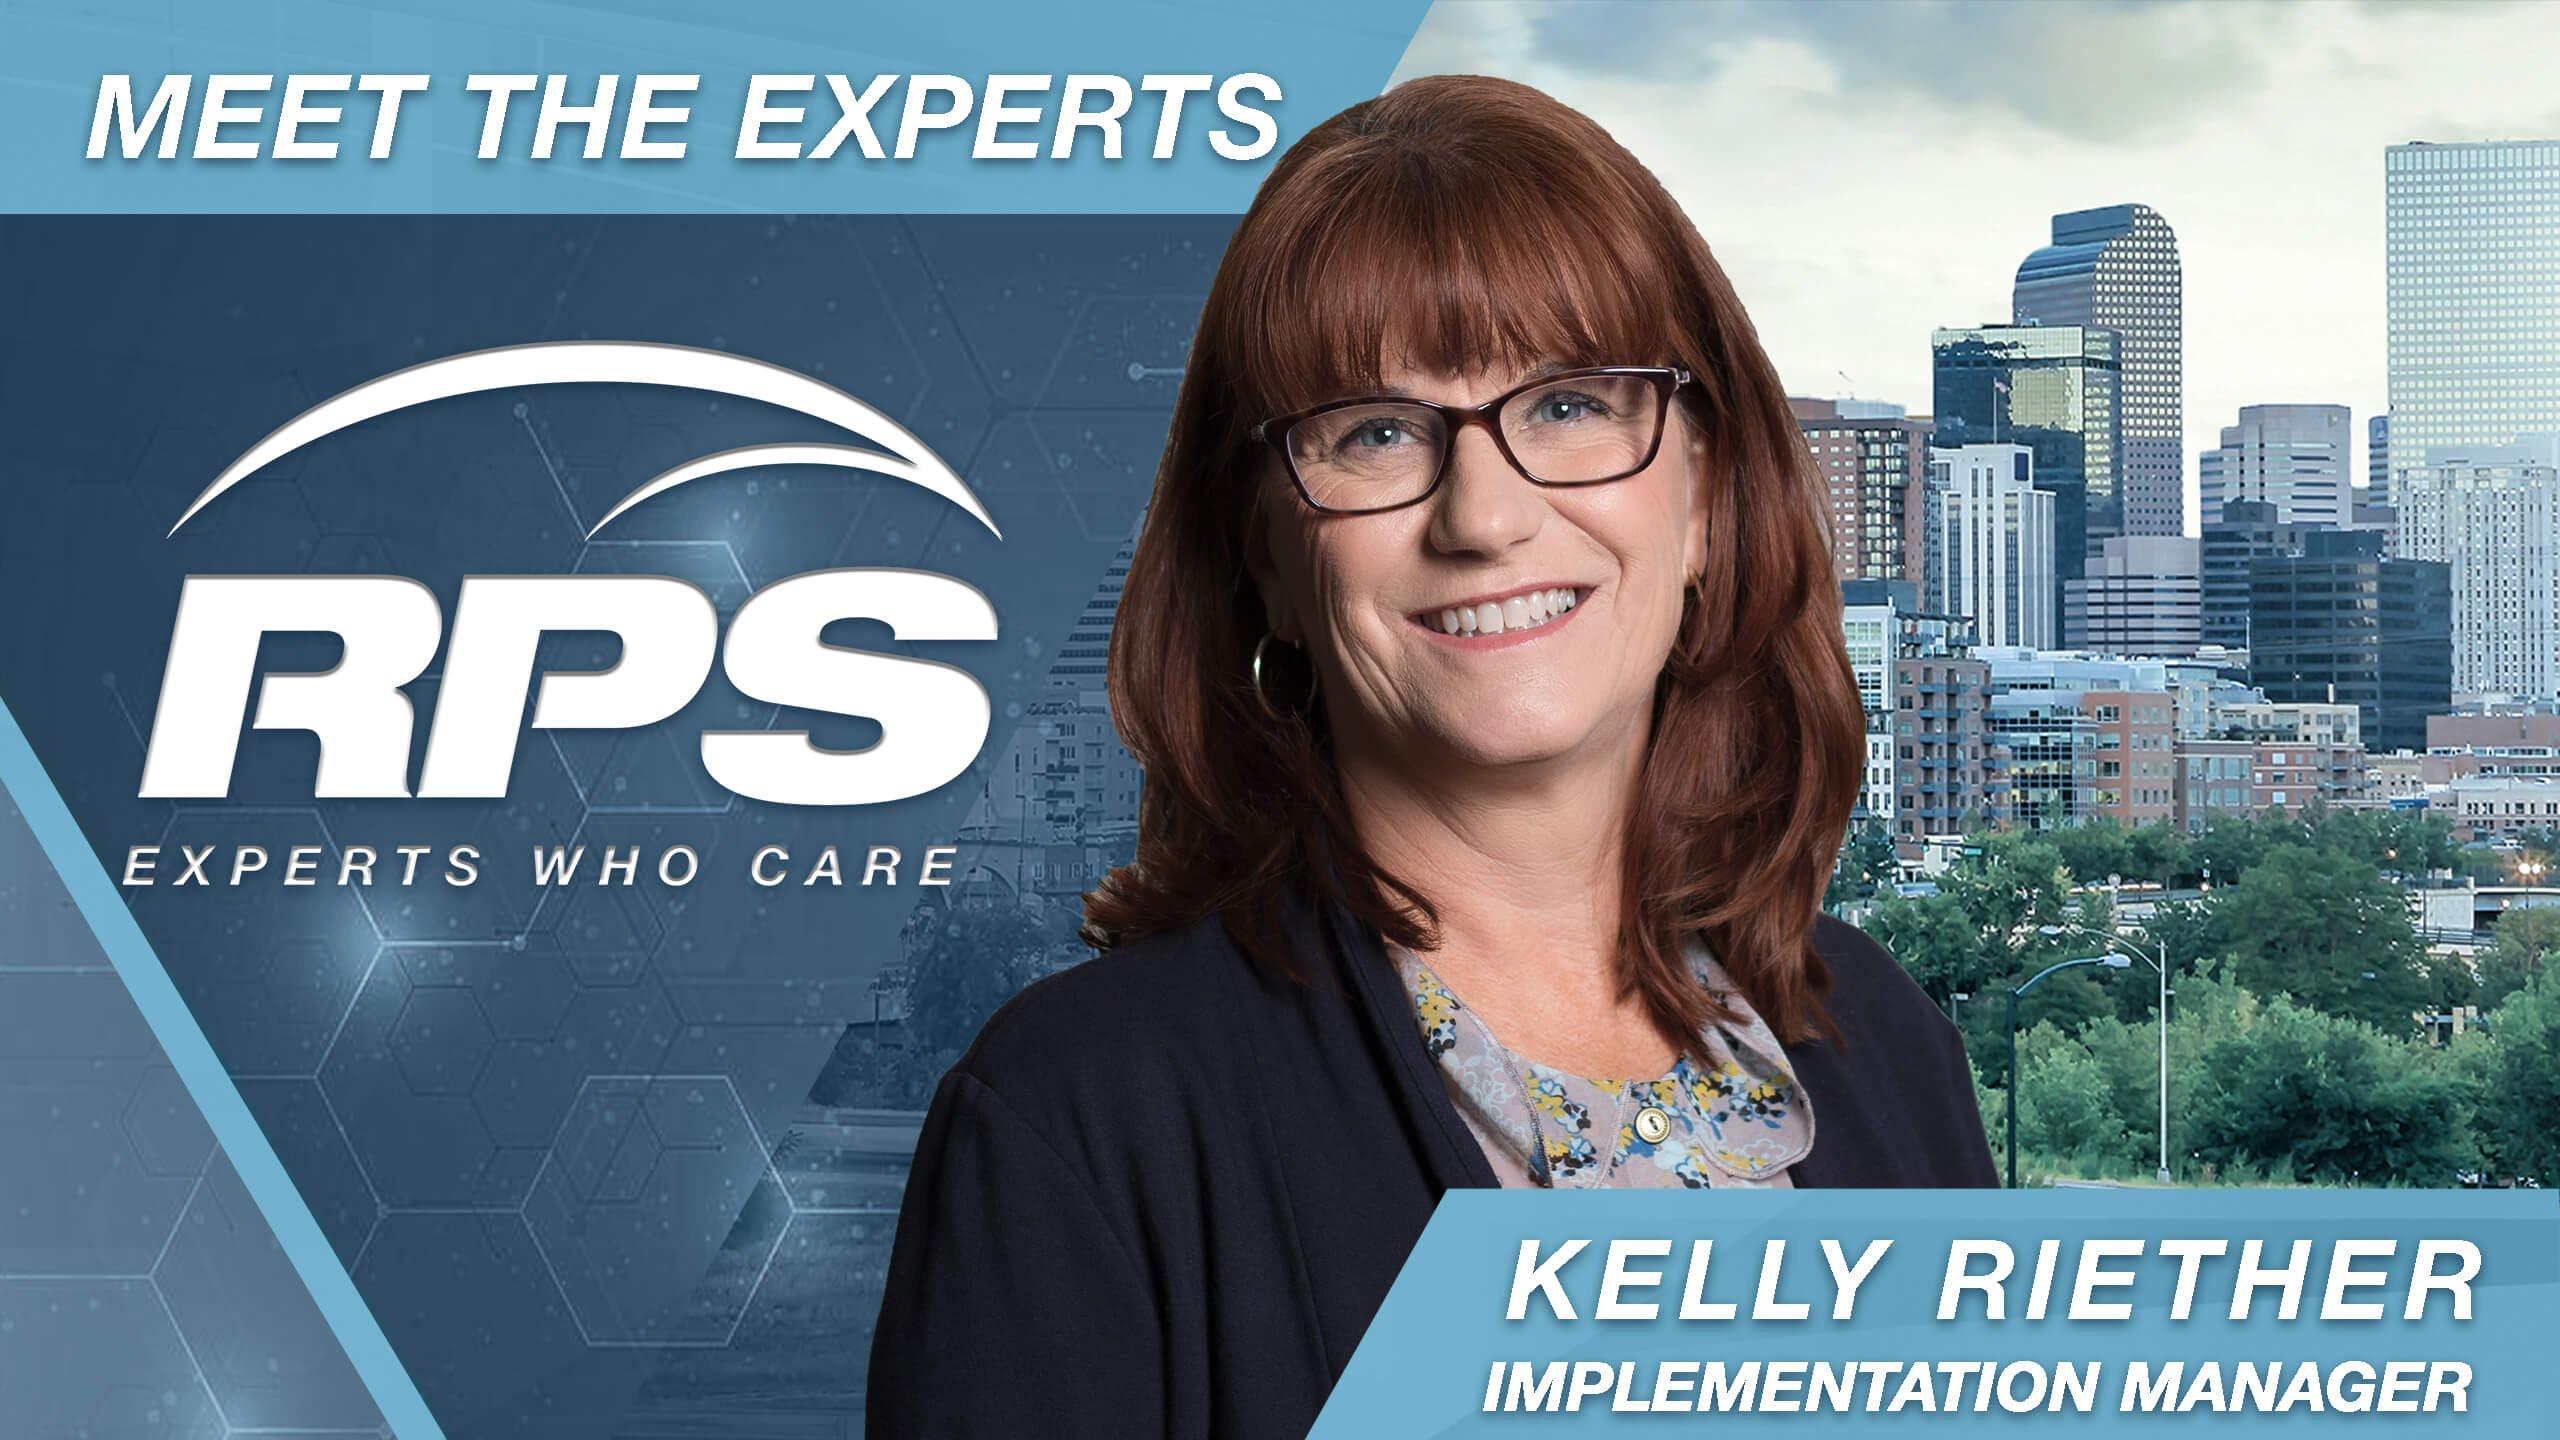 meettheexpert-kelly